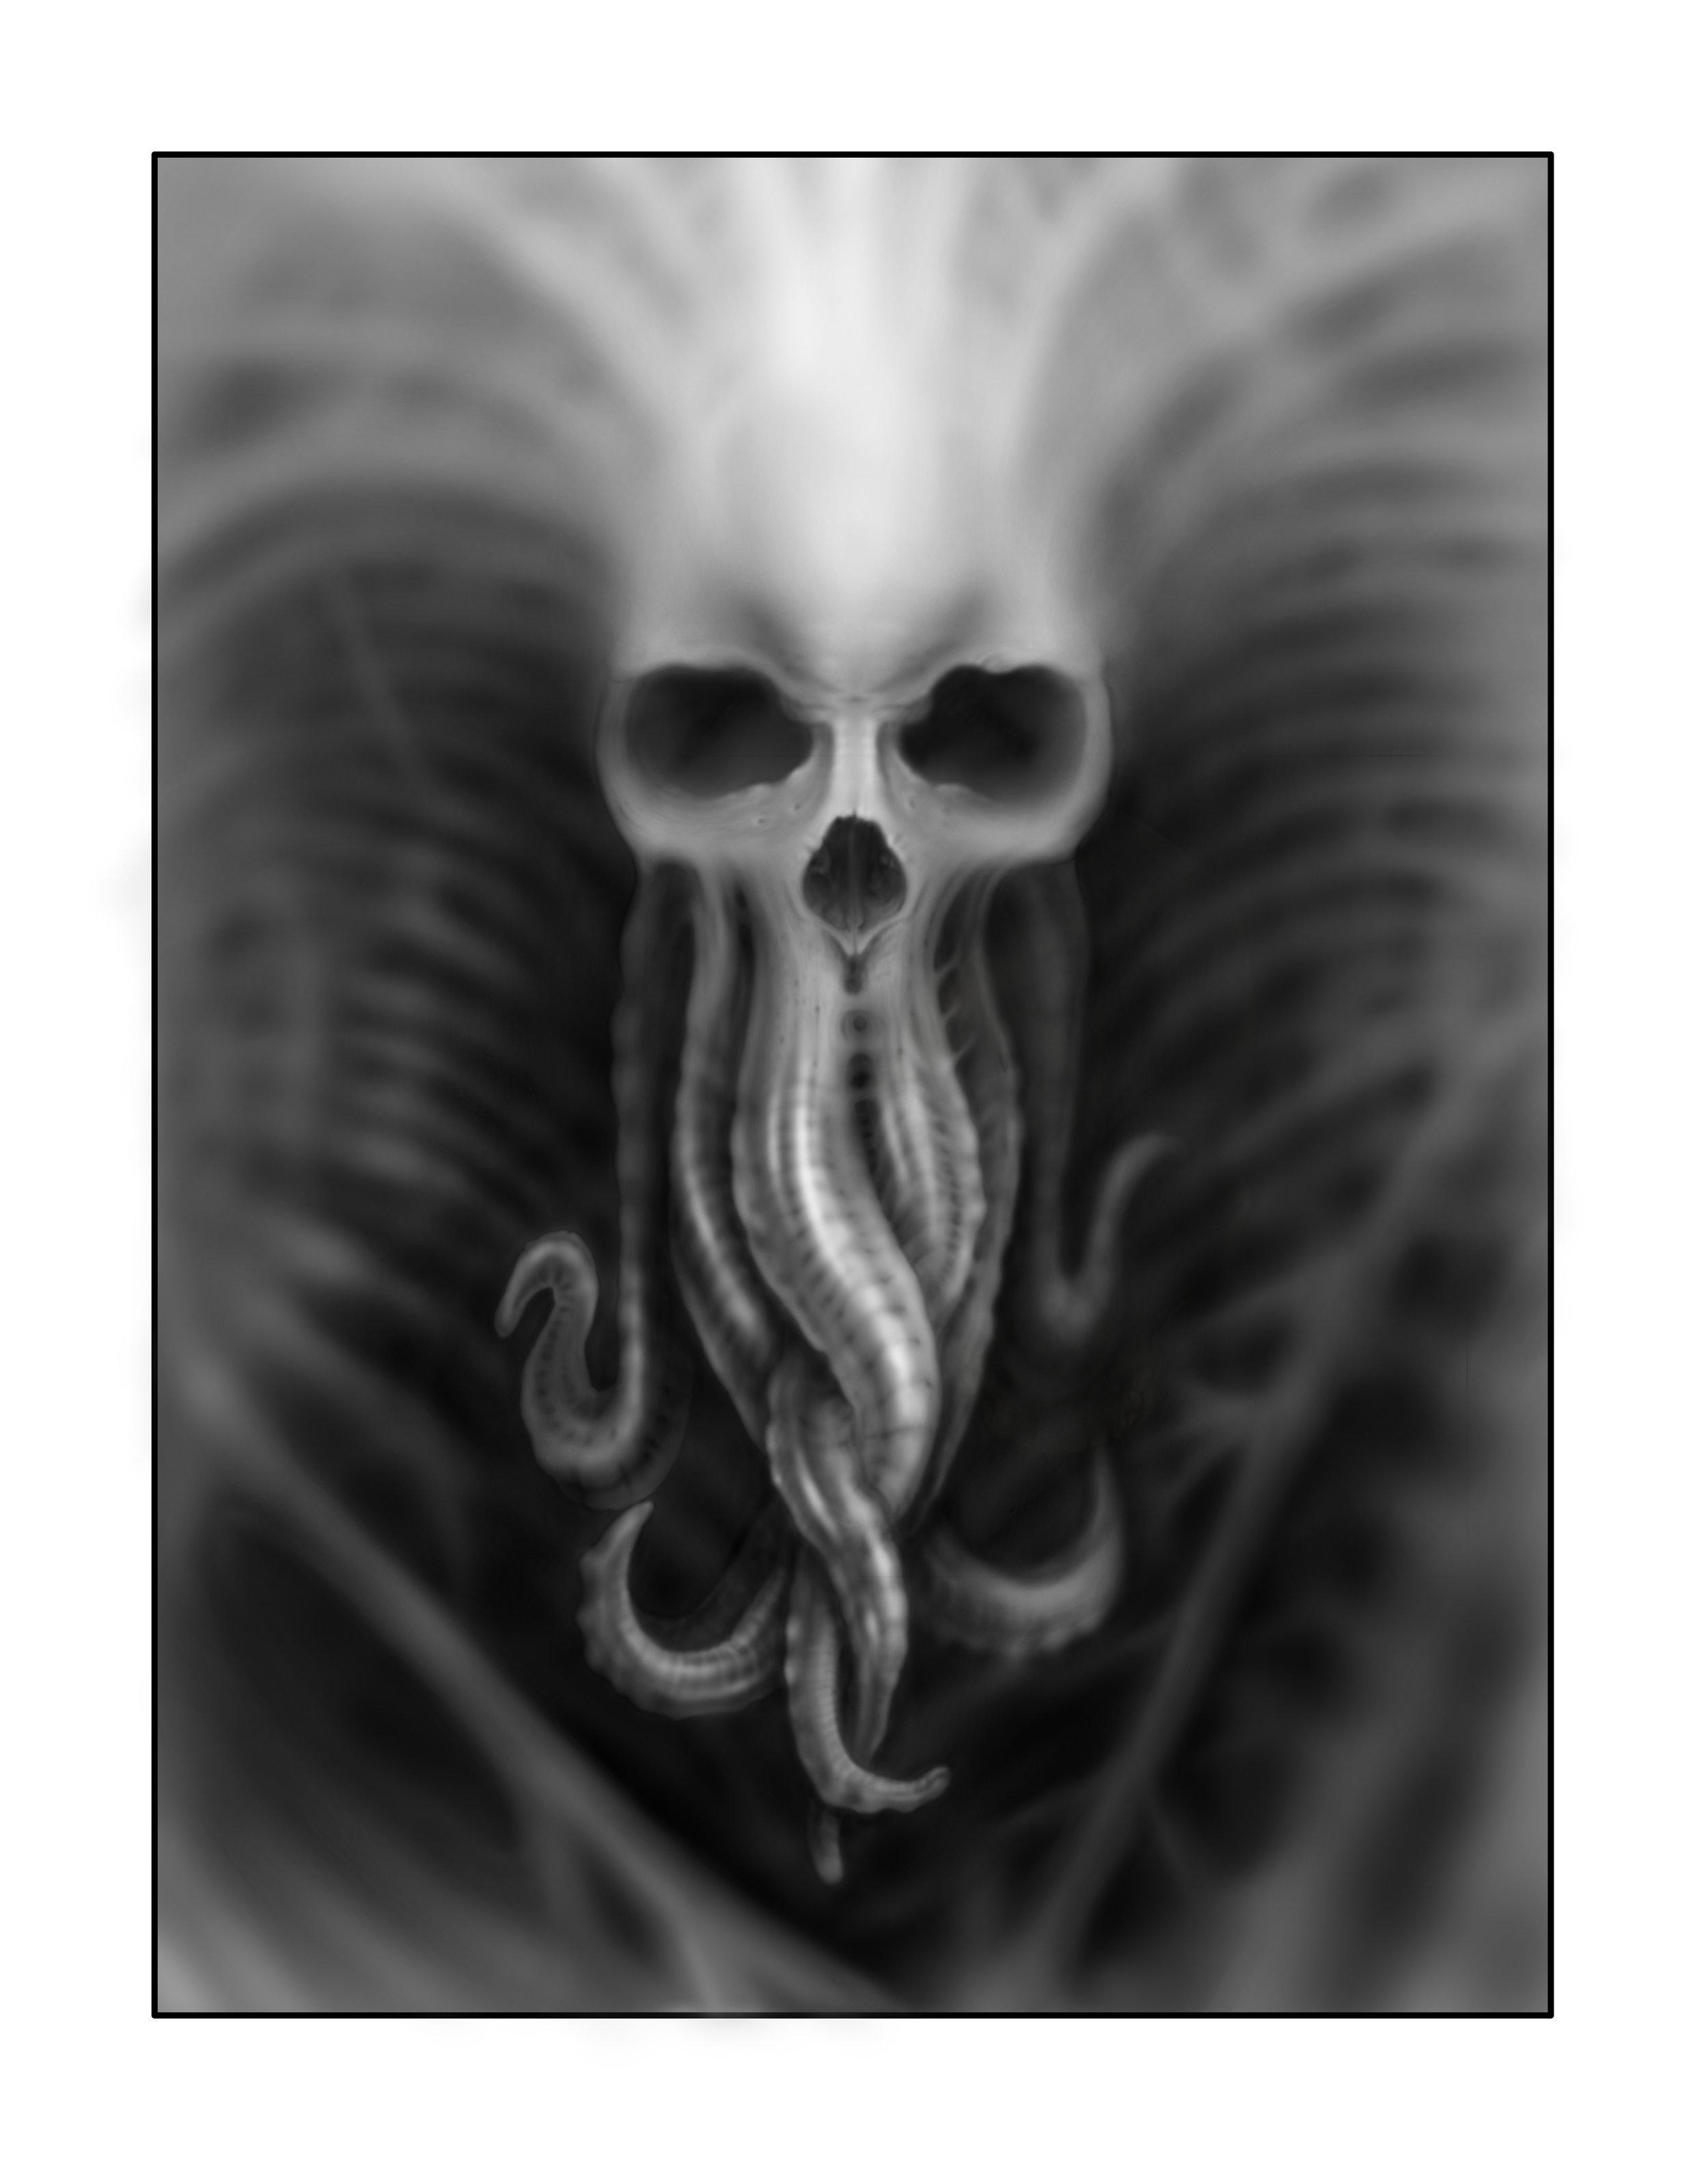 skull biomech print finished.jpg dsdg.jpg